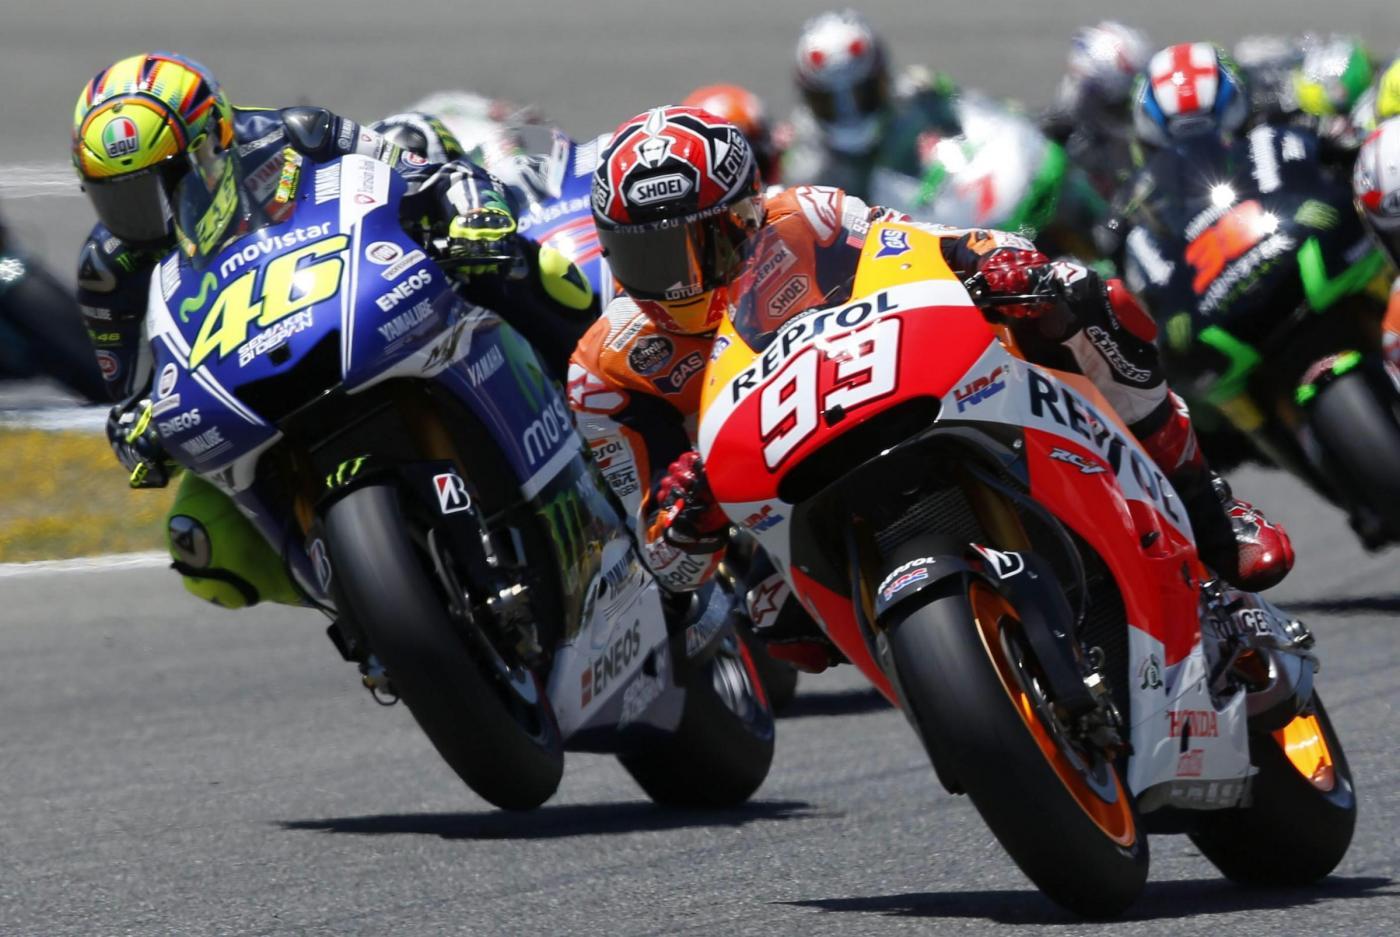 MotoGp Gp Jerez domenica 5 maggio: presentazione della quarta tappa del Mondiale. Si corre in Europa, sulla pista spagnola